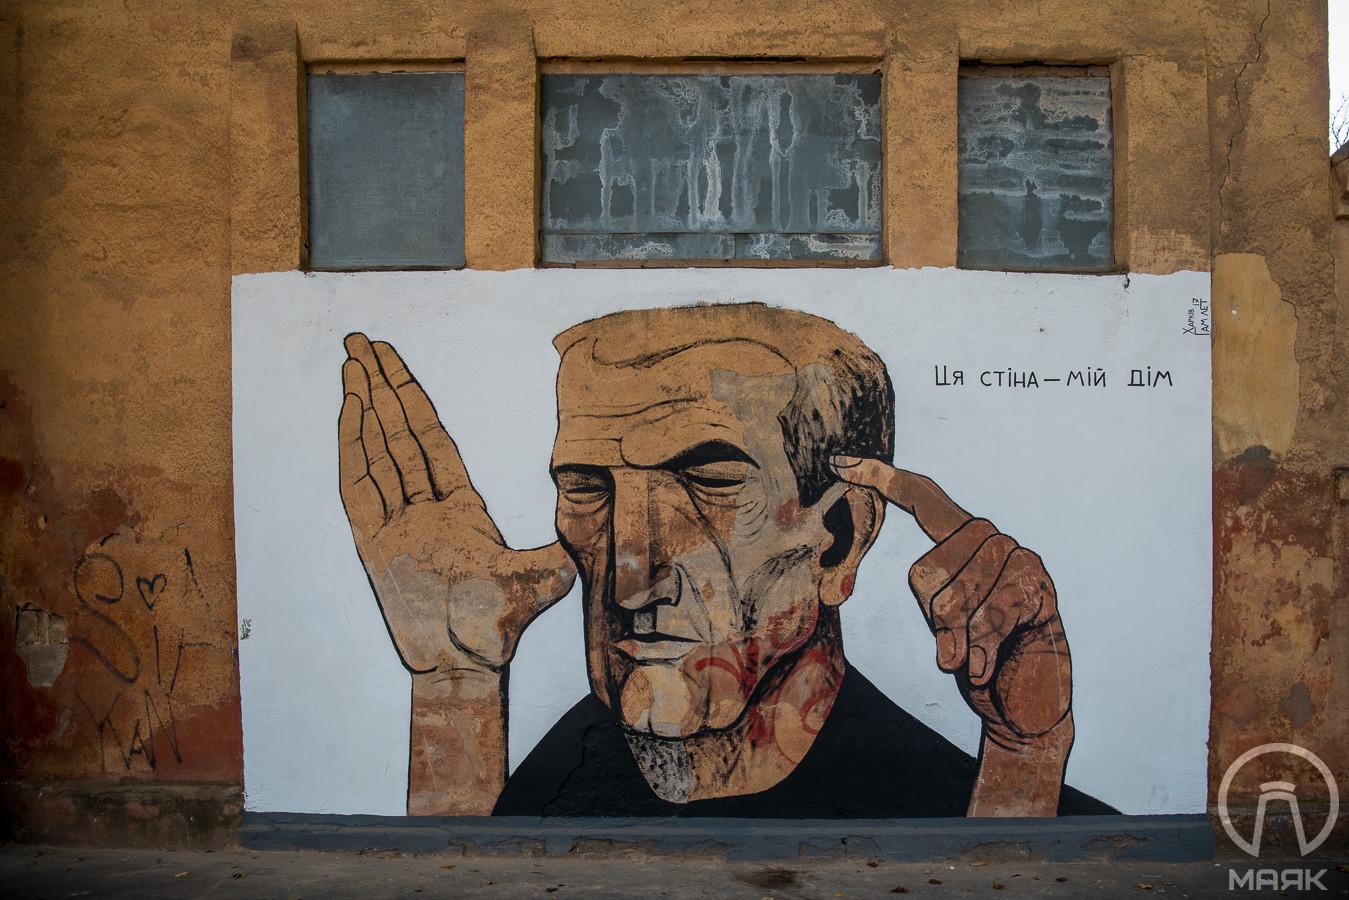 «Эта стена — мой дом»: харьковский художник создал мурал в центре Одессы